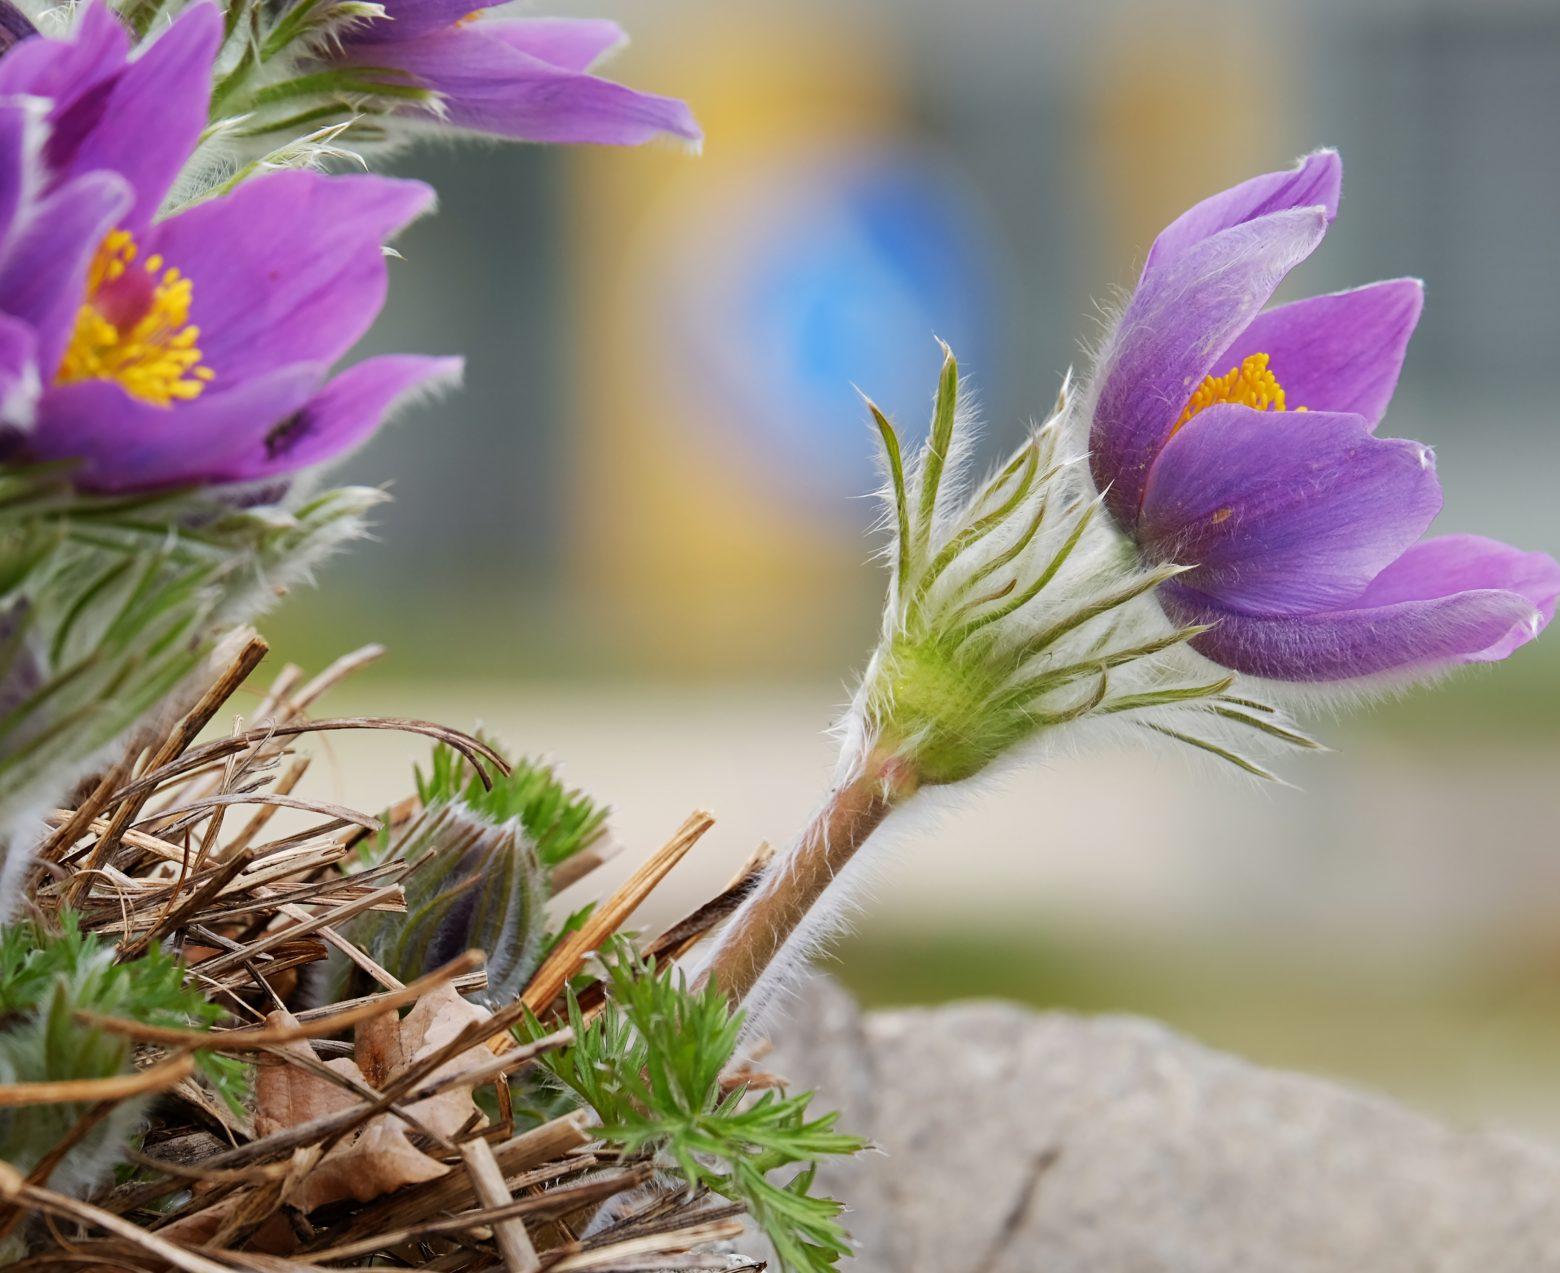 pasque-flower-3285226